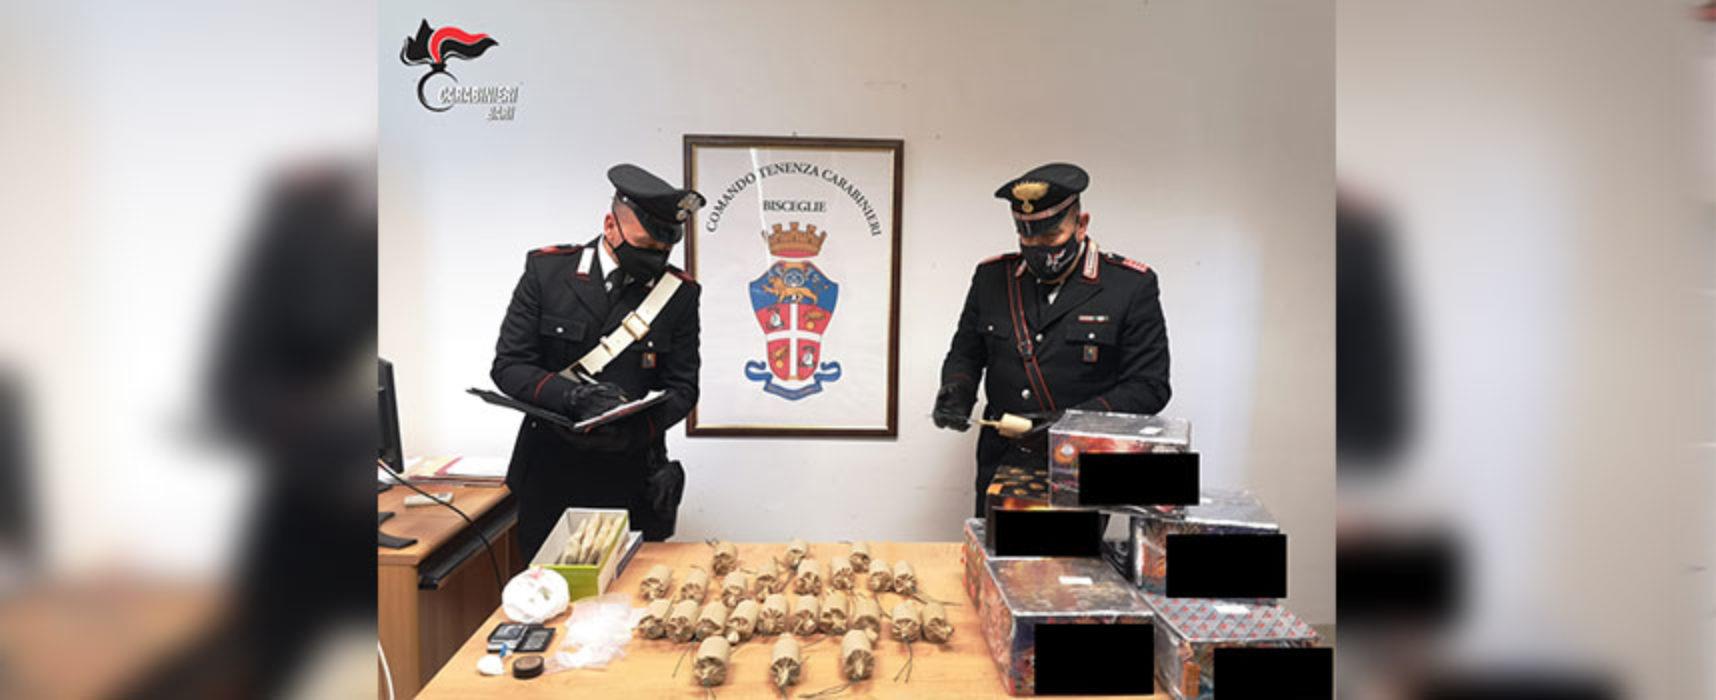 Due arresti a Bisceglie per bombe esplose a dicembre 2020